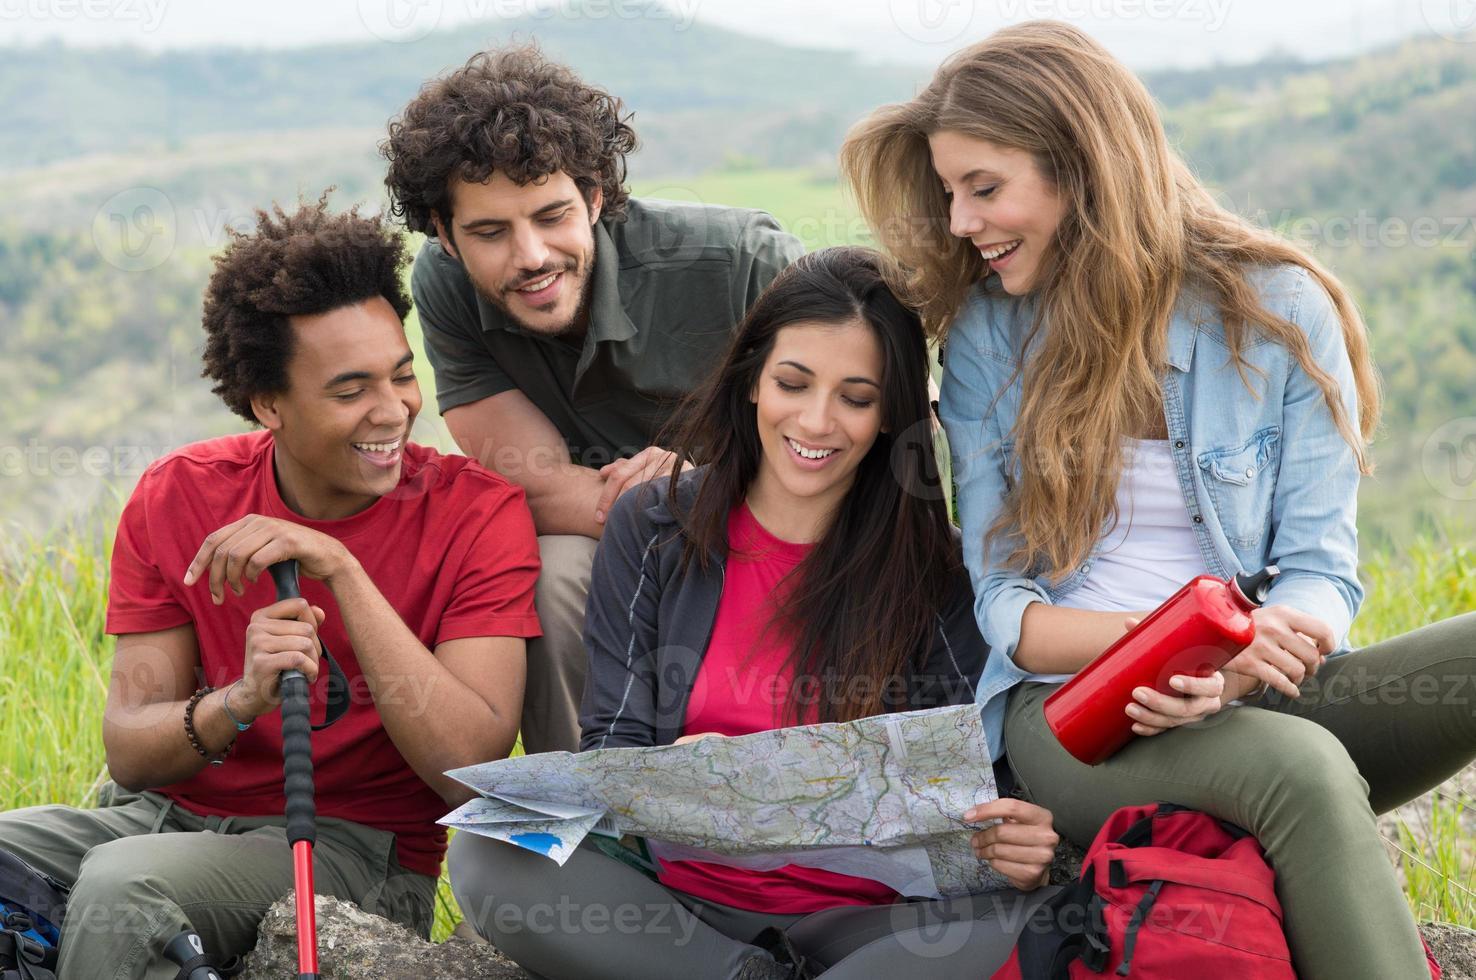 Gruppe von Menschen auf Campingausflug foto